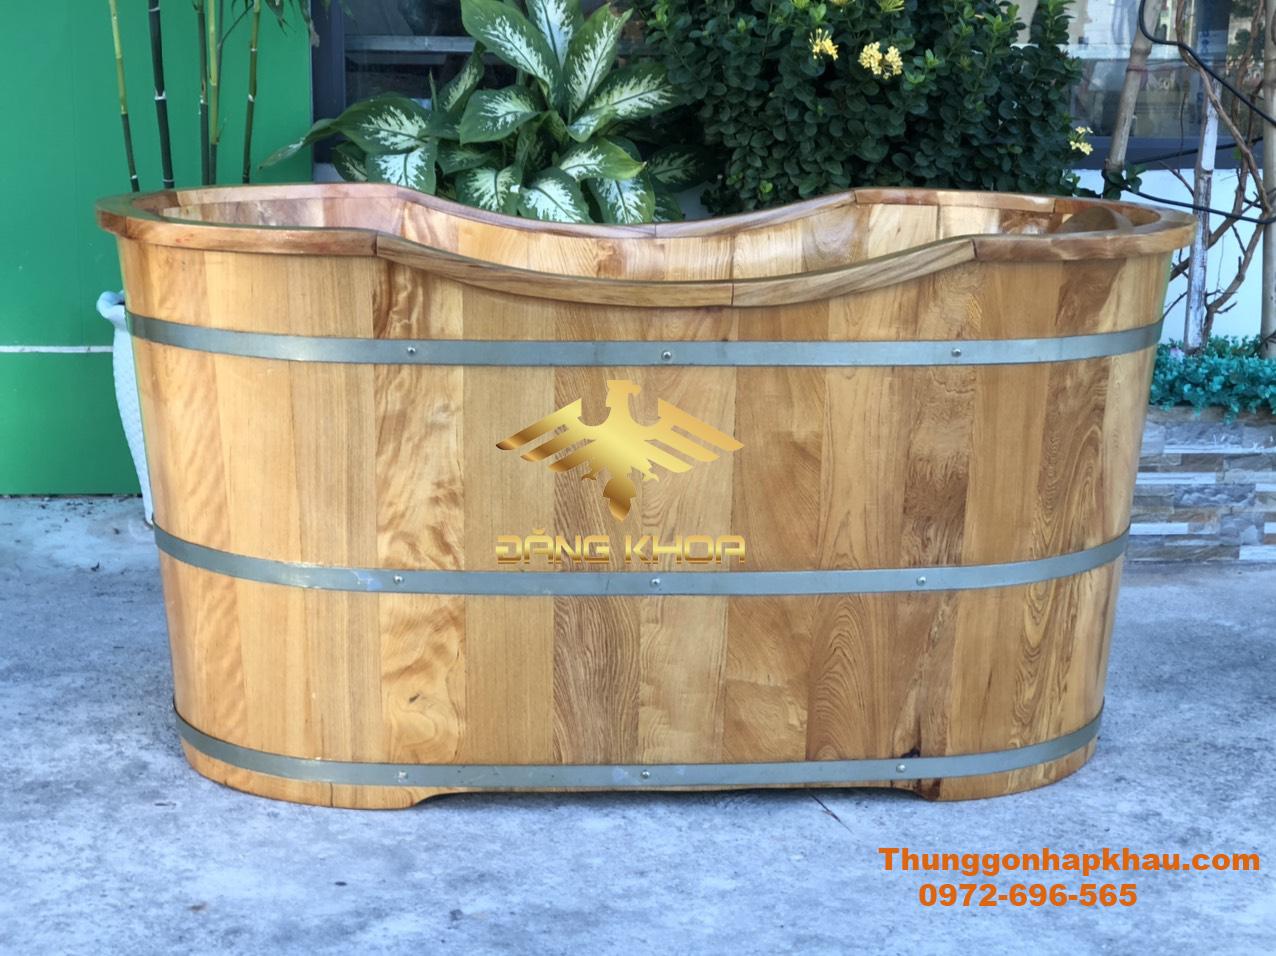 Bồn tắm gỗ Pơ-Mu có những vân gỗ đẹp và đa dạng về kiểu dáng